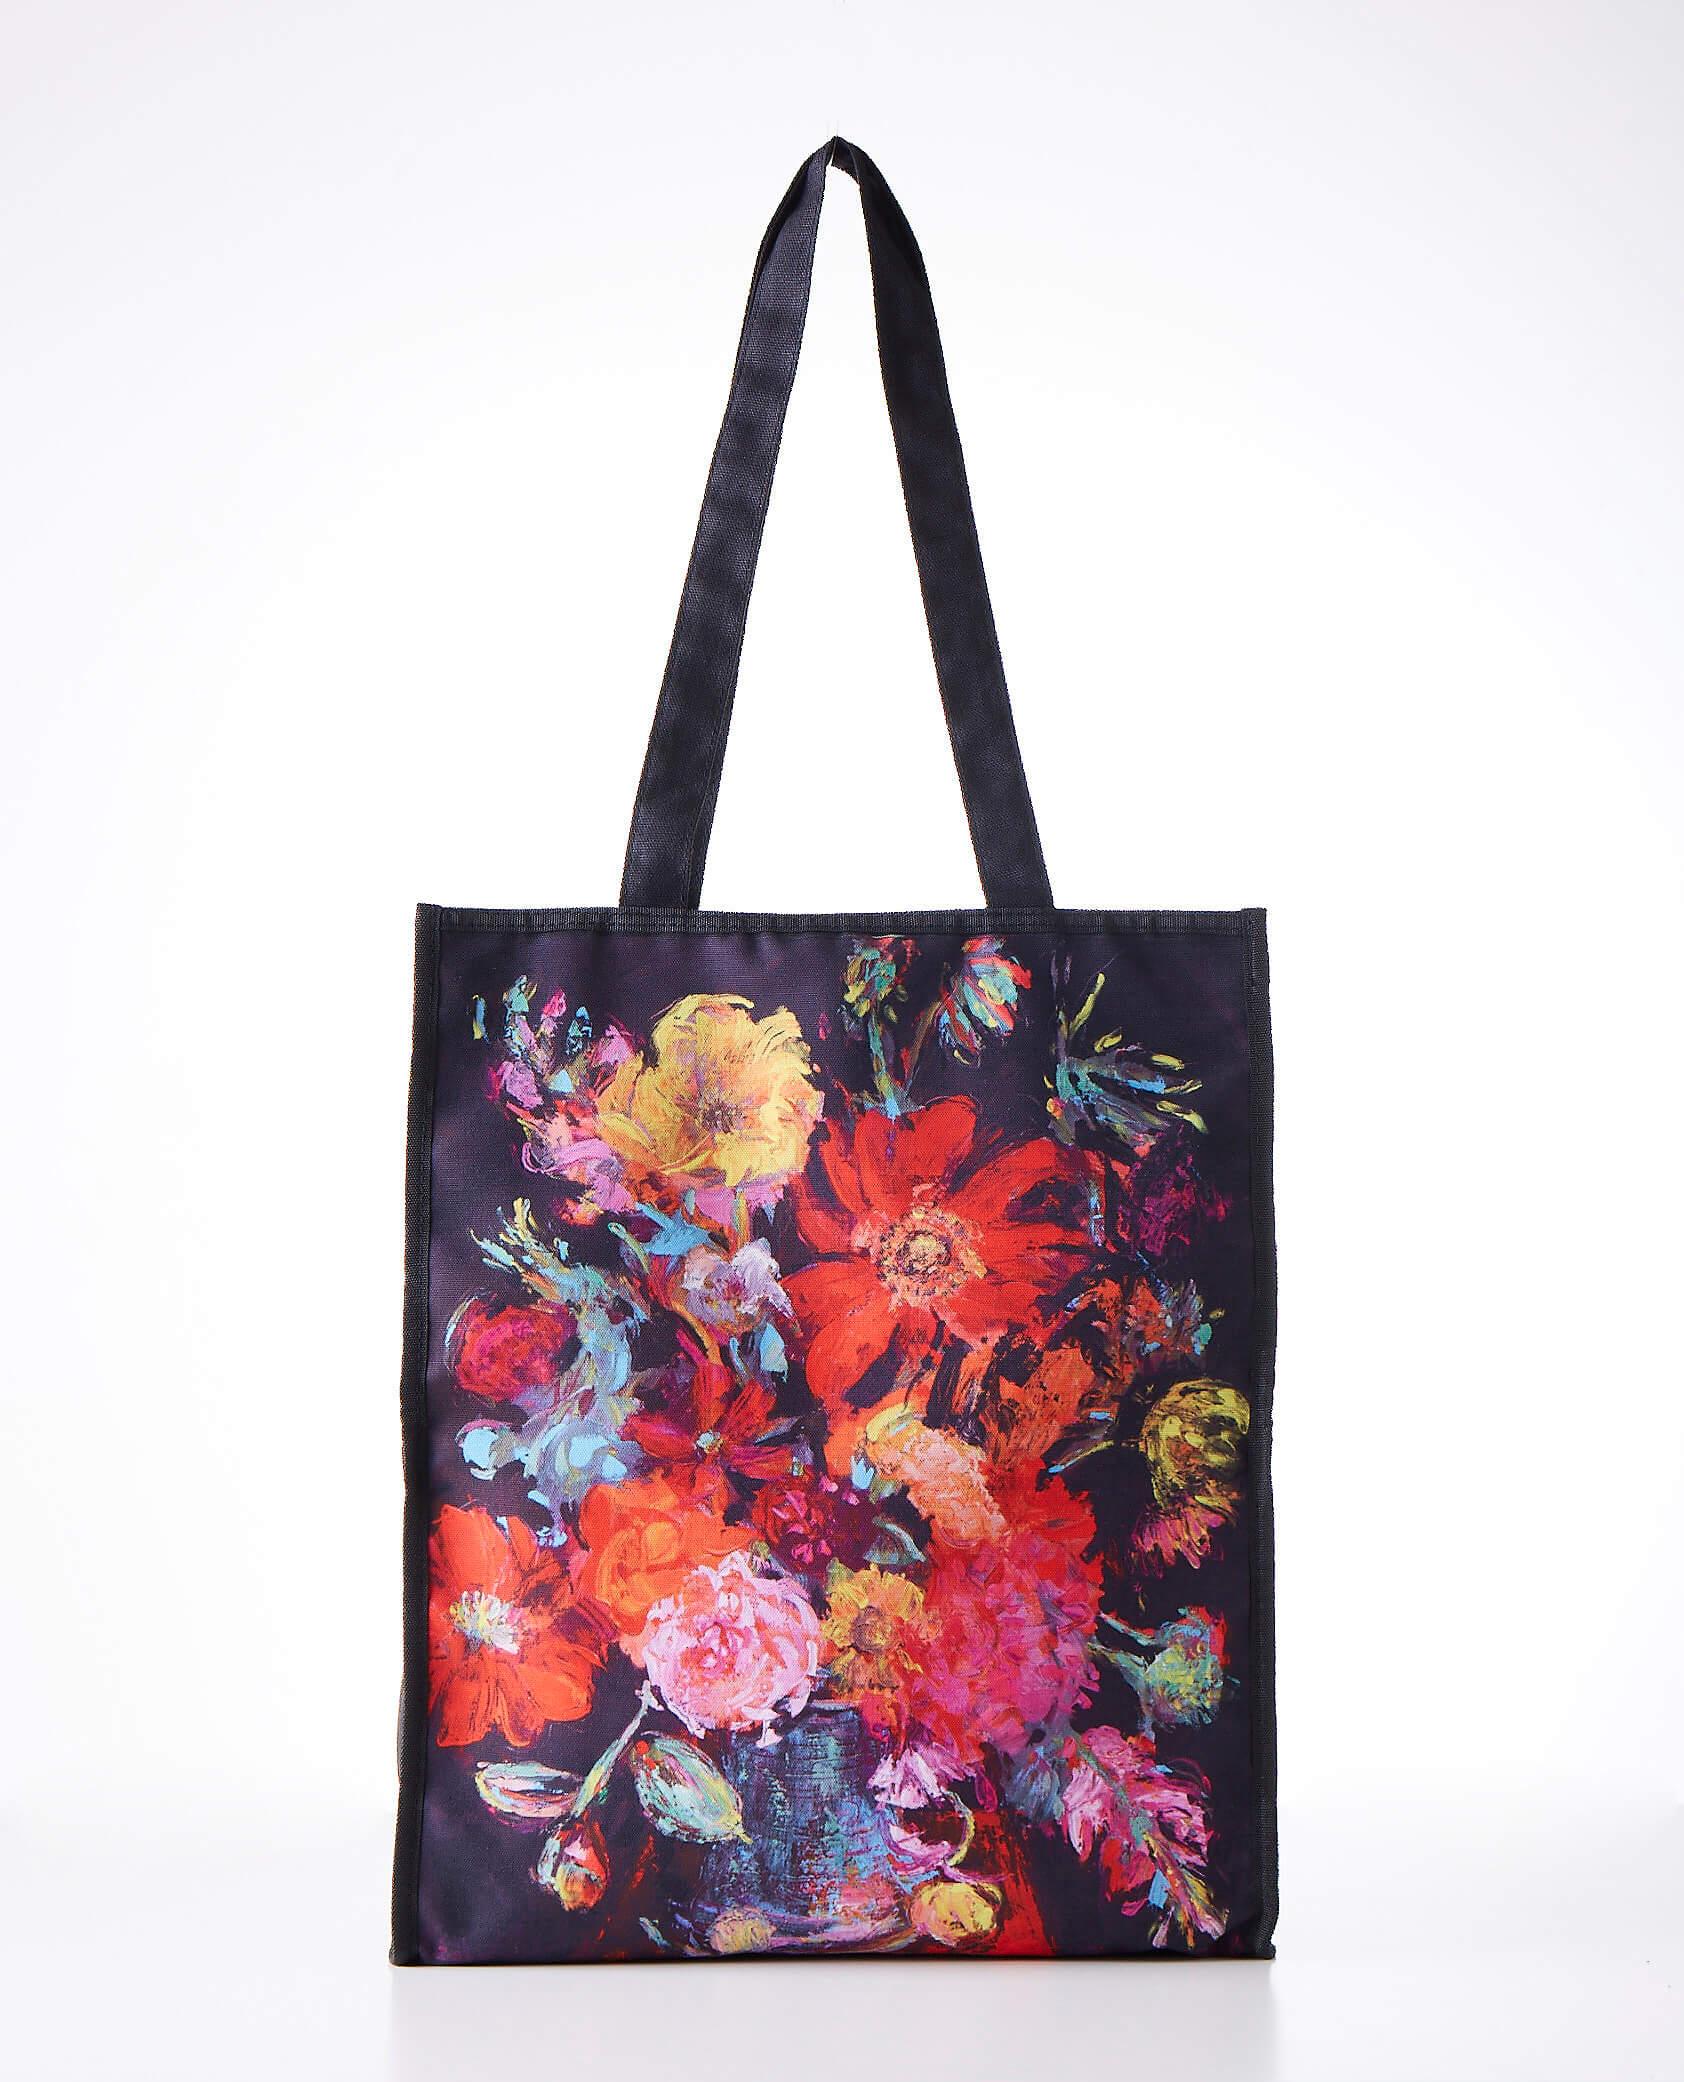 """นิทรรศการ """"Arianna Caroli : Artist in Residence"""" ถ่ายทอดพลังแห่งดอกไม้งามผ่านงานศิลปะ 7-18 ก.พ. นี้ ที่เซ็นทรัล เอ็มบาสซี 24 - Arianna Caroli"""